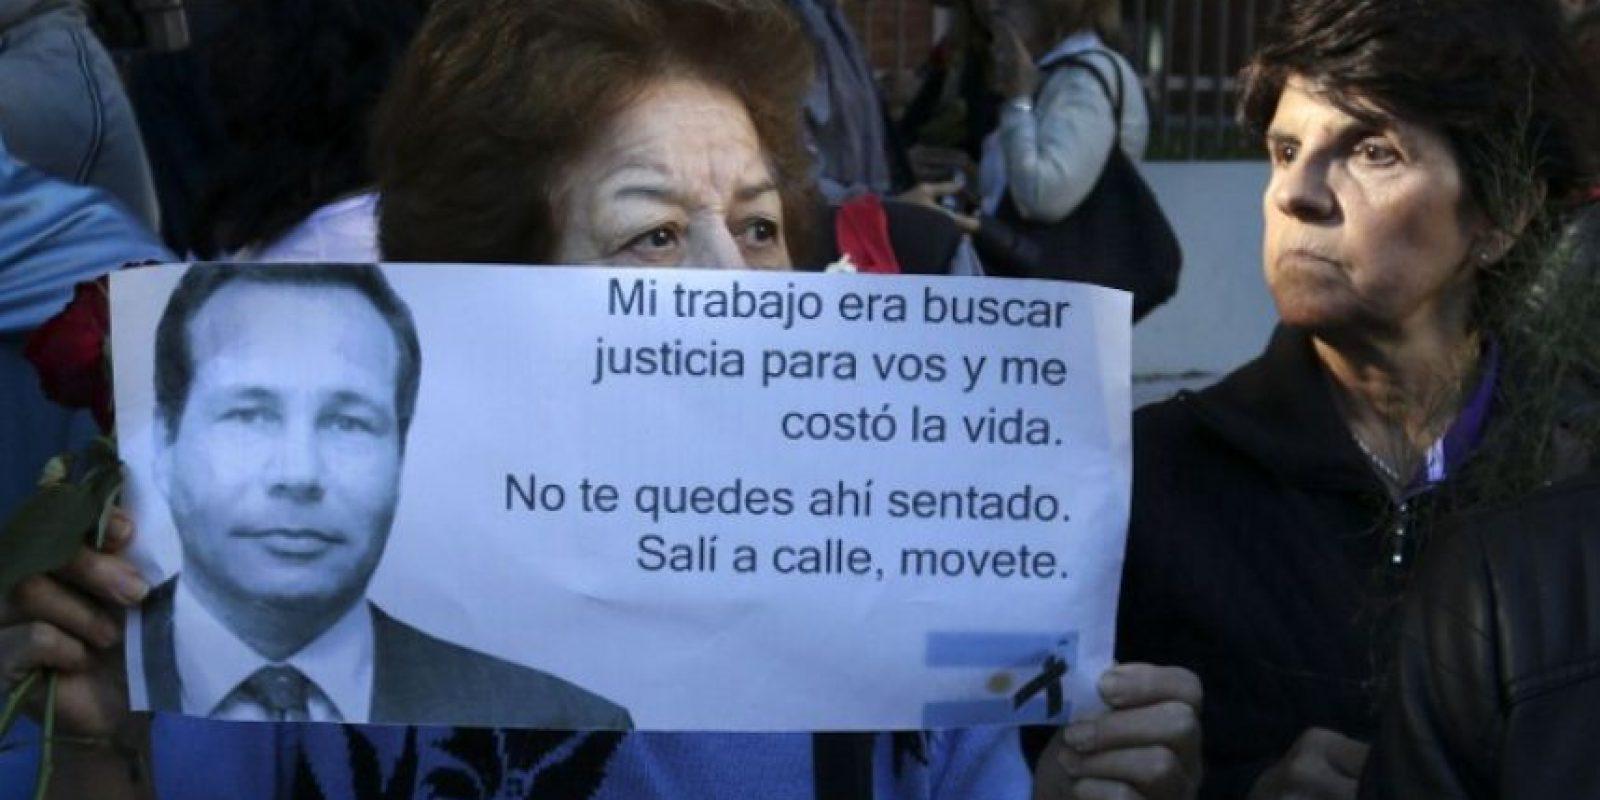 Durante los últimos días, miles de personas han mostrado su indignación por la muerte de Nisman Foto:AFP